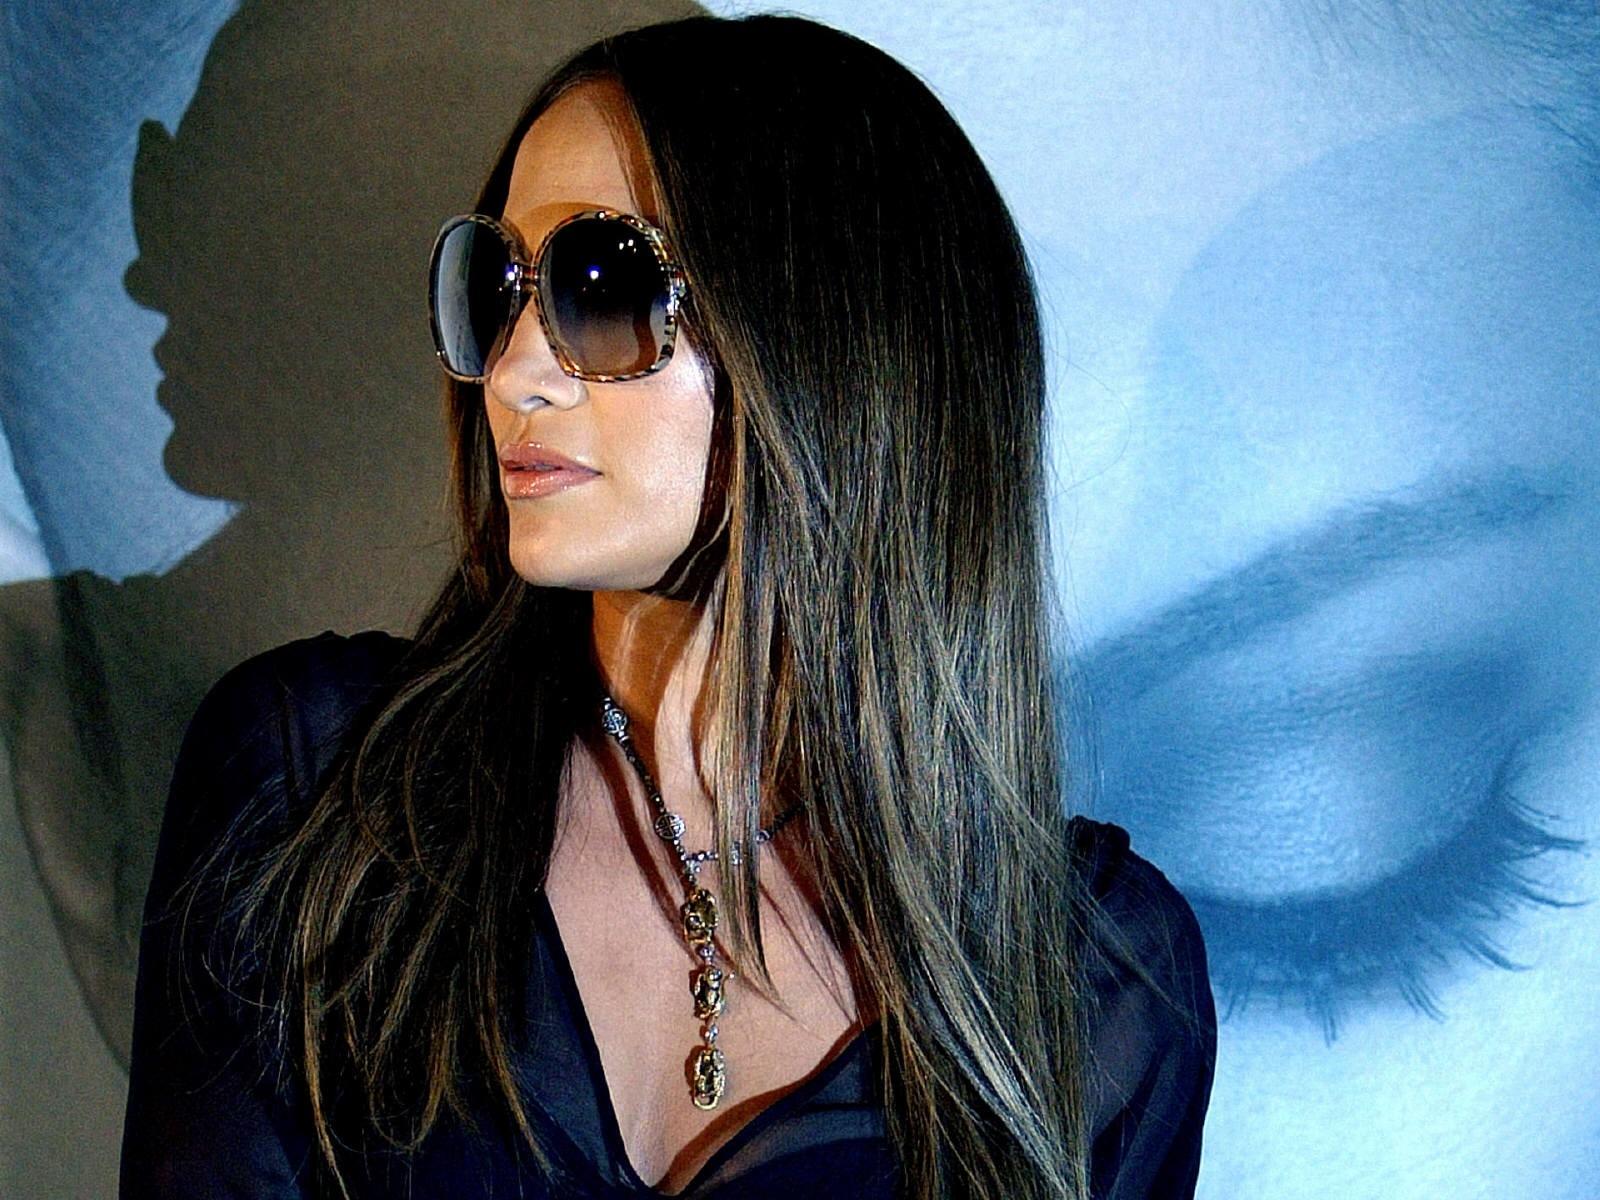 Wallpaper di Jennifer Lopez con occhiali da sole